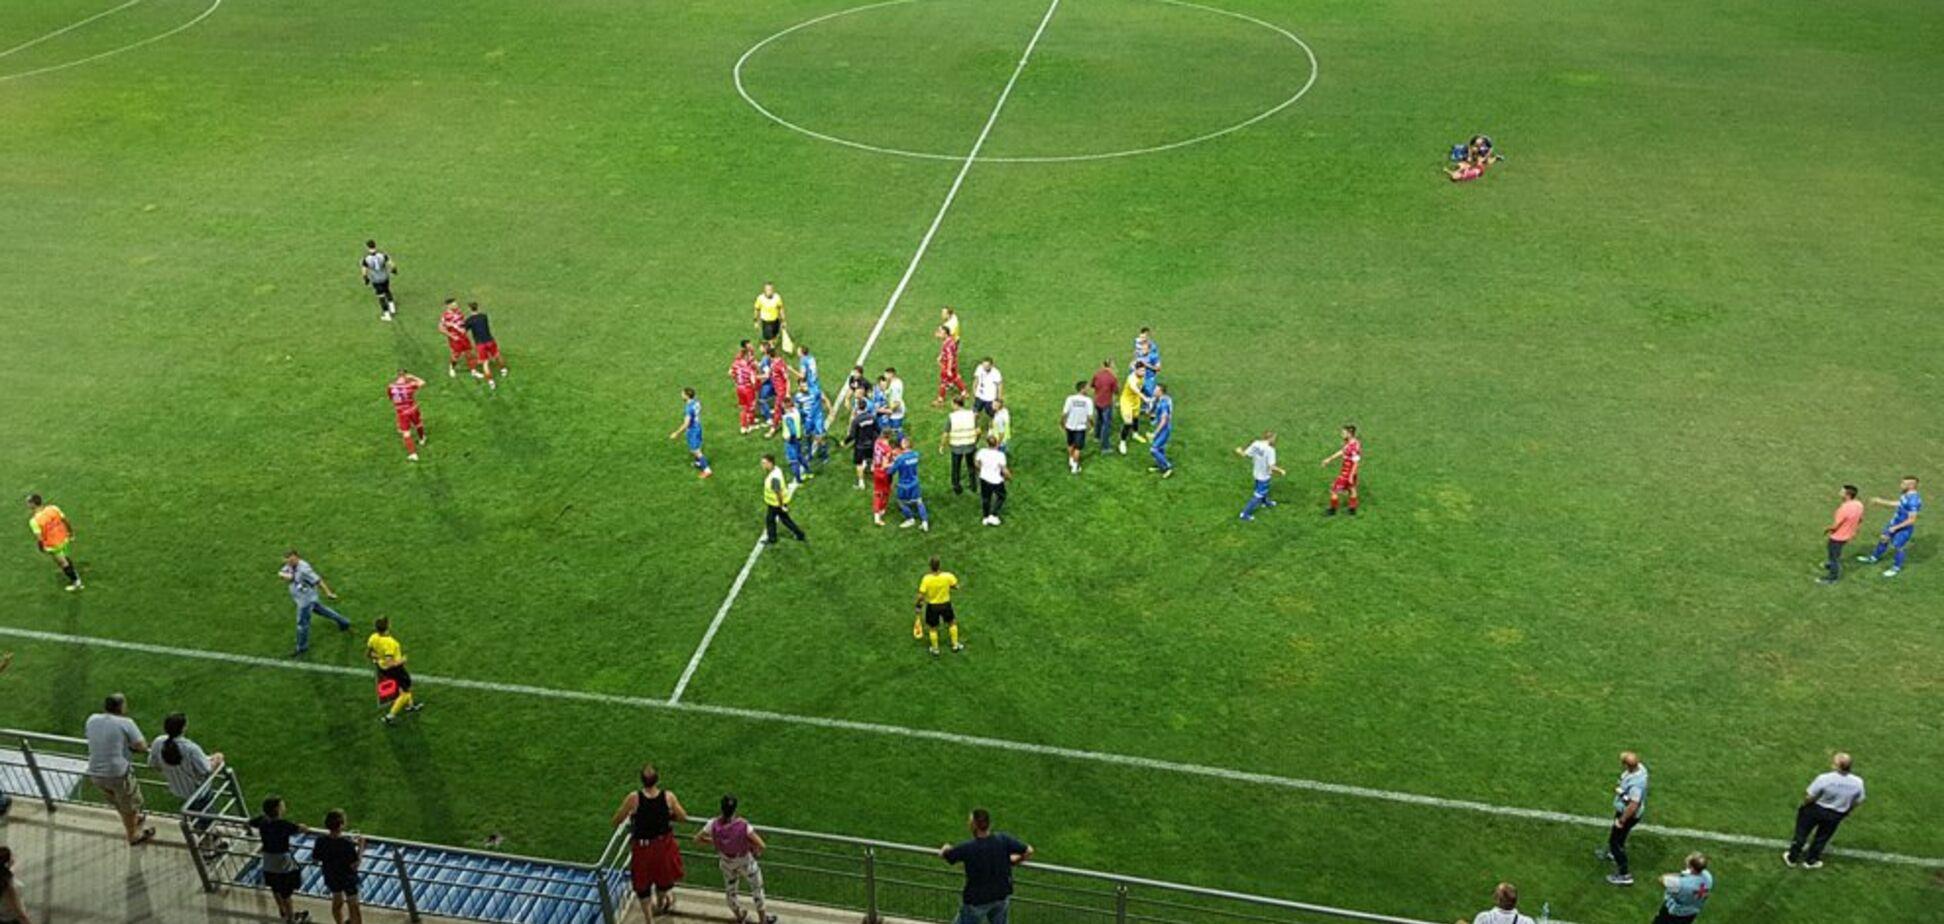 Догоняли всей командой: в Сербии футболист отличился жутким хамством